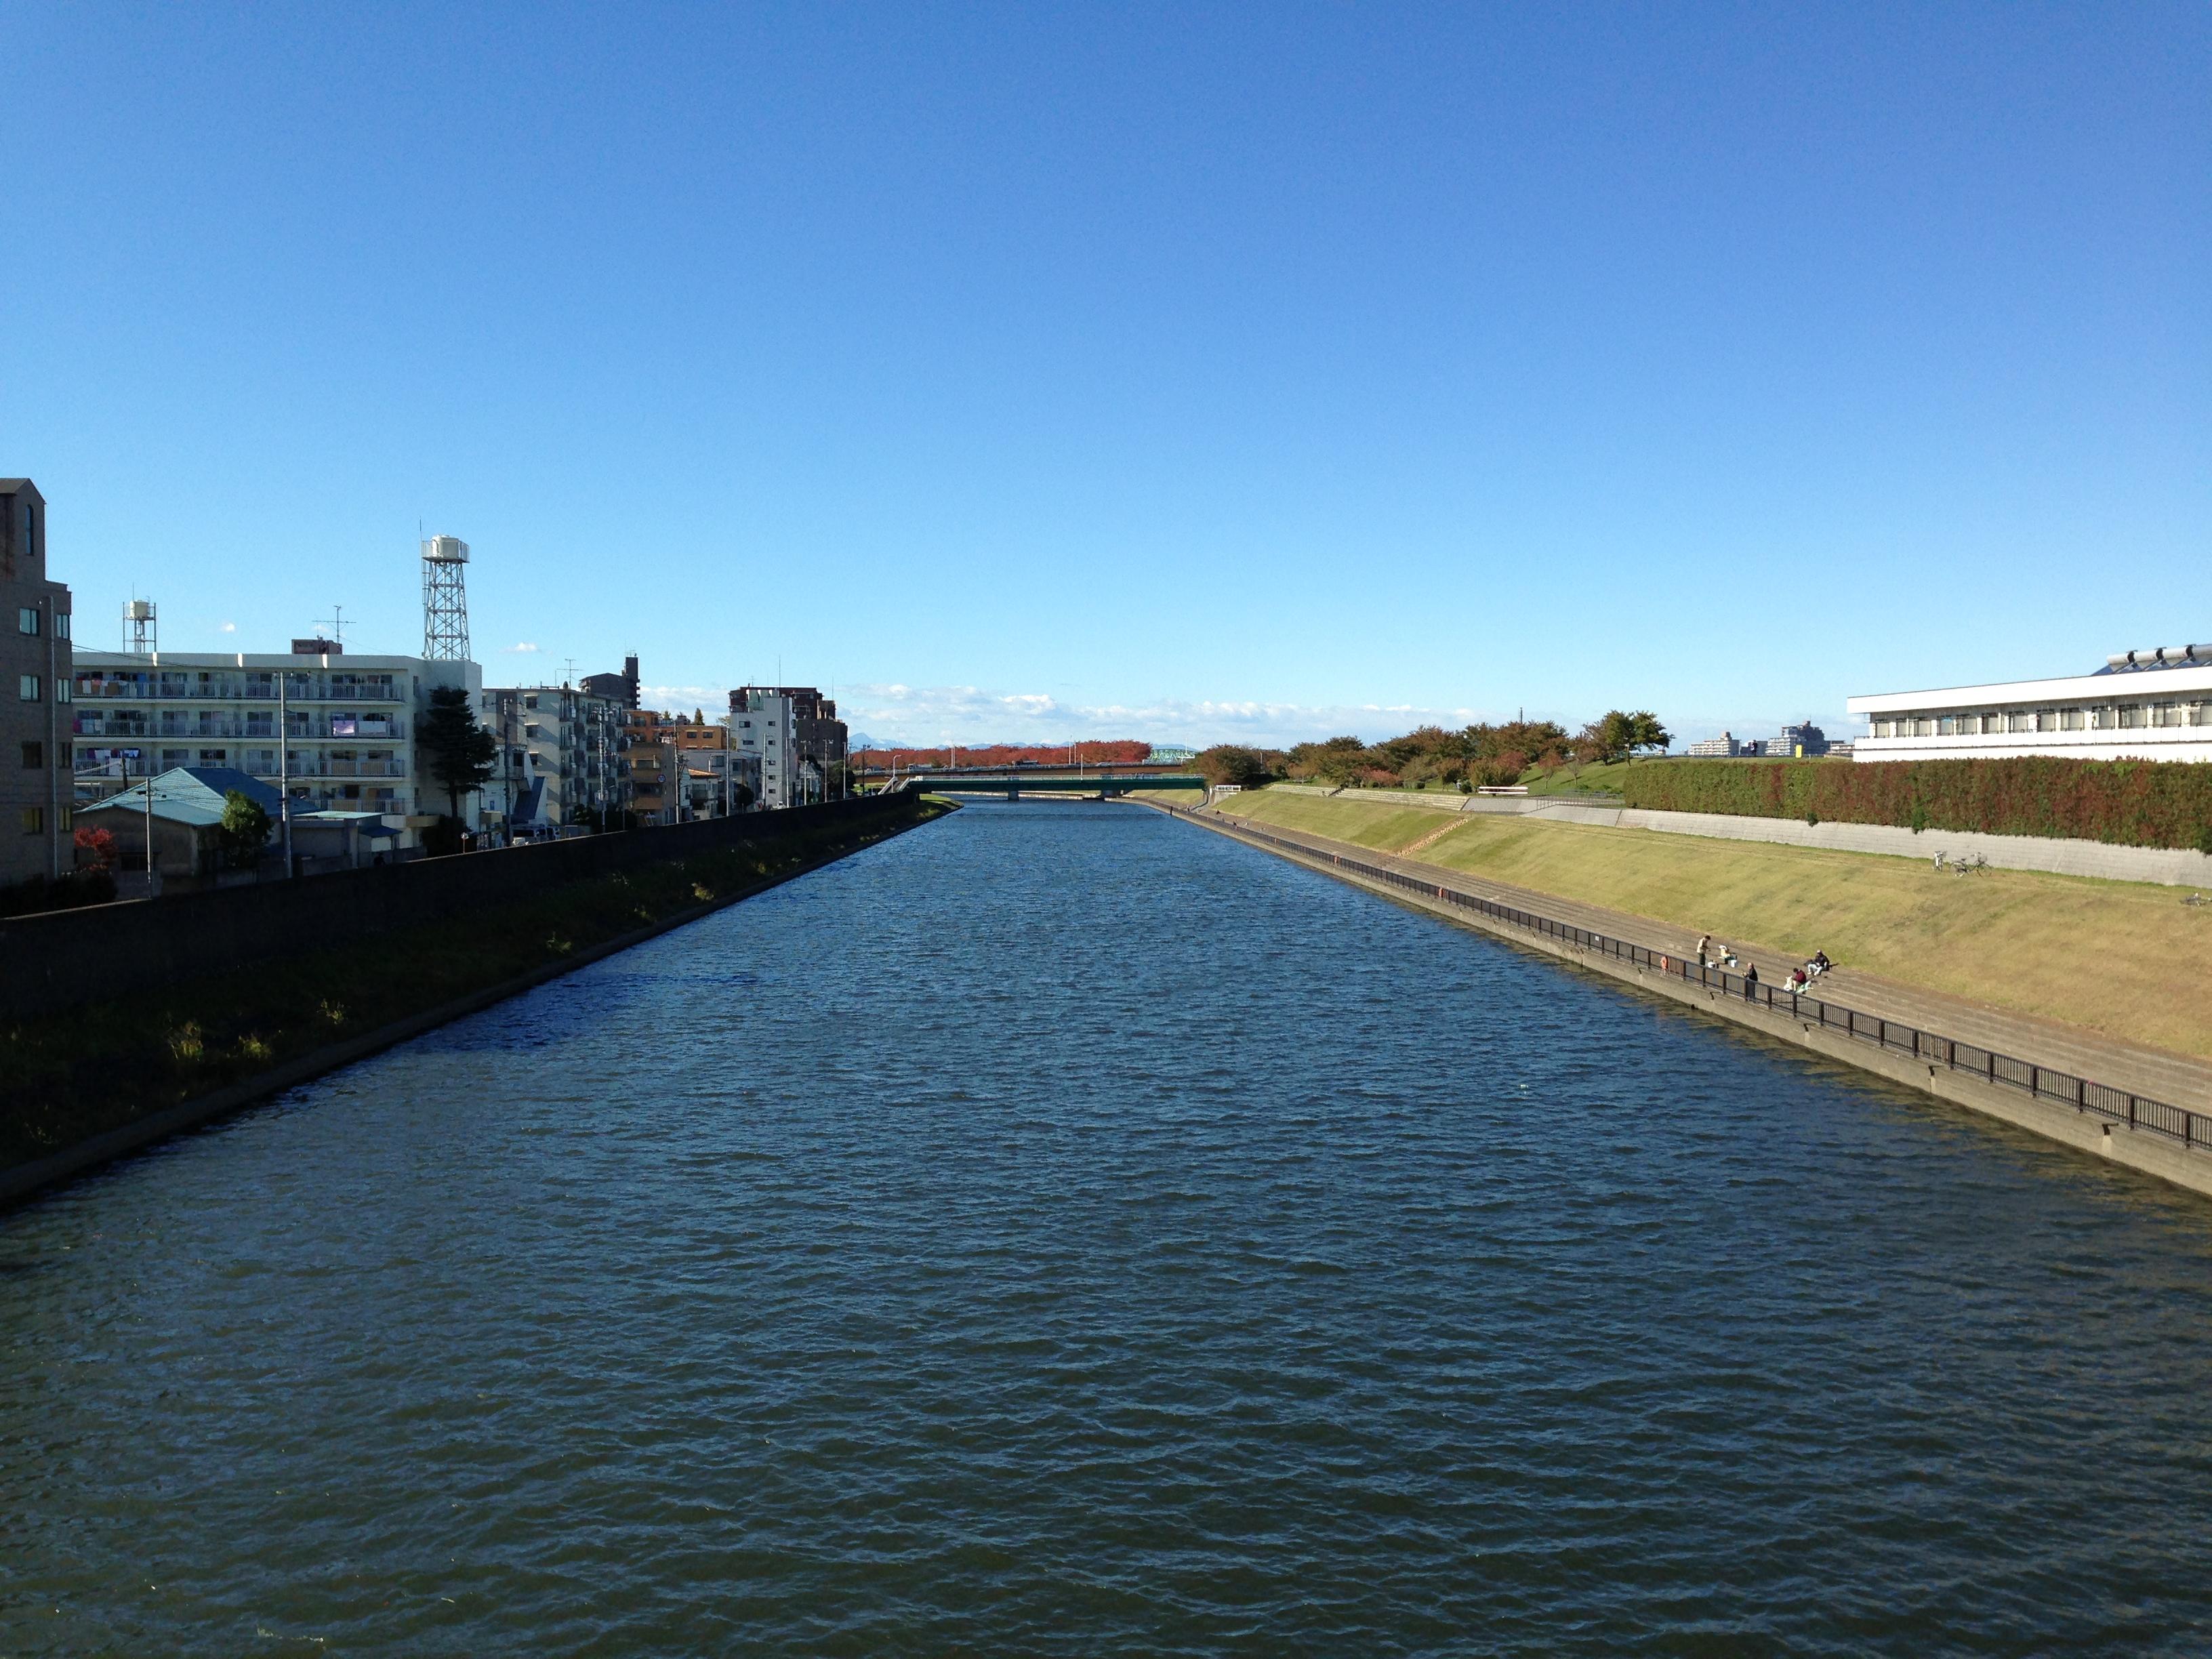 Vista general del puente hacia la izquierda